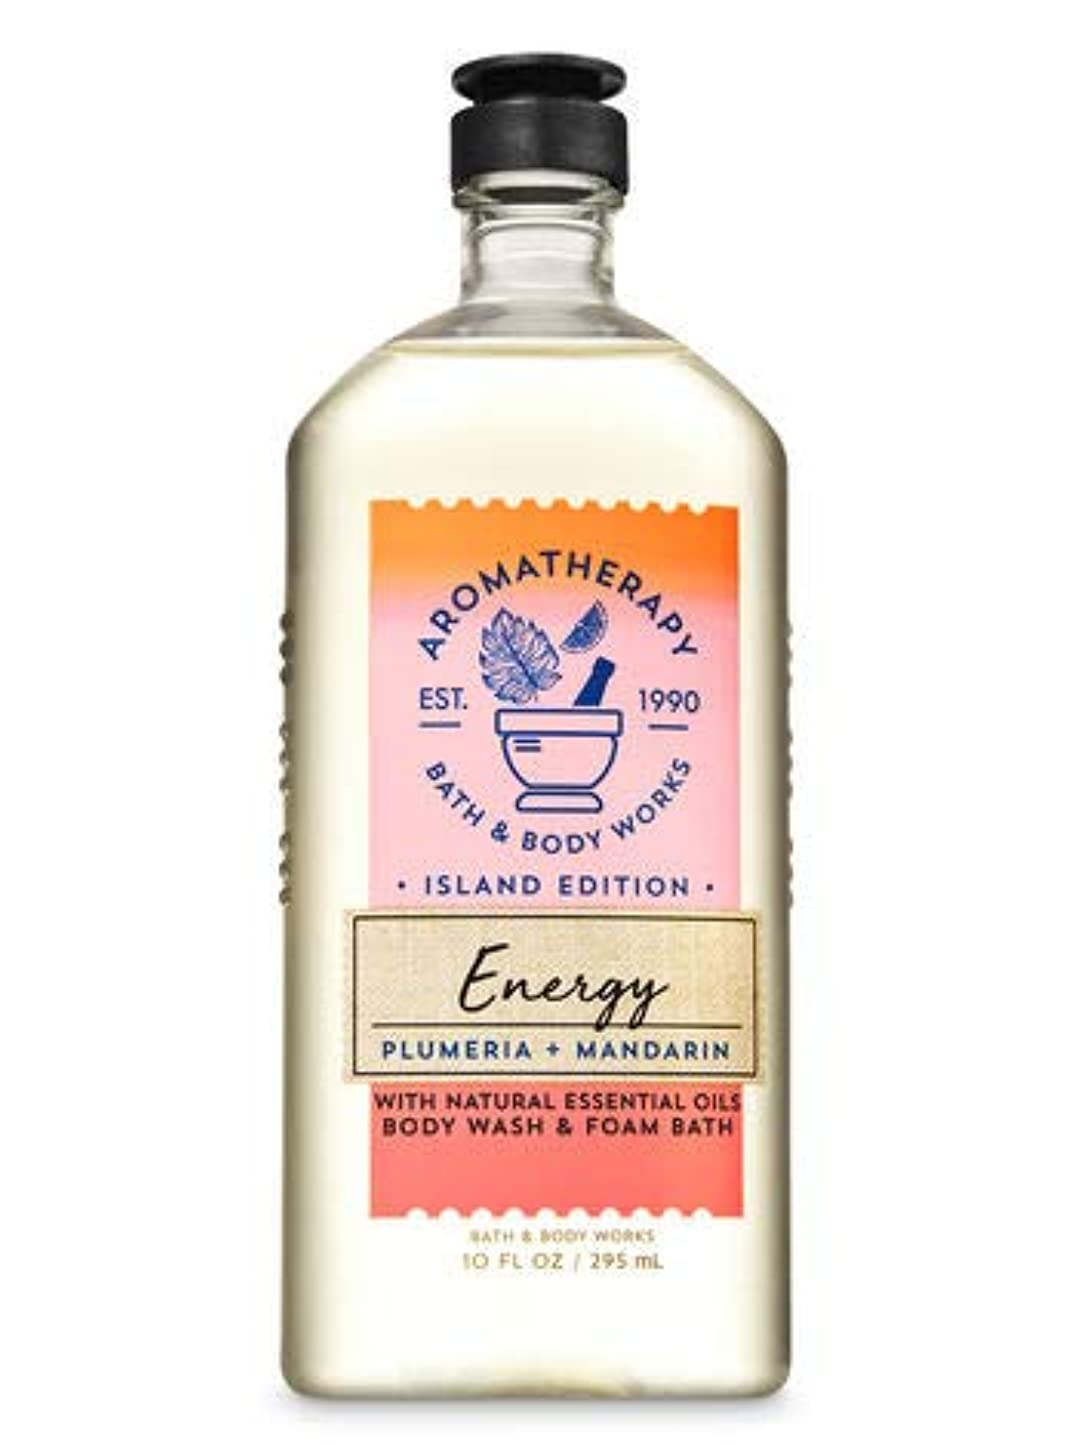 主に無効にするの前で【Bath&Body Works/バス&ボディワークス】 ボディウォッシュ&フォームバス アロマセラピー エナジー プルメリアマンダリン Body Wash & Foam Bath Aromatherapy Island Edition Energy Plumeria & Mandarin 10 fl oz / 295 mL [並行輸入品]